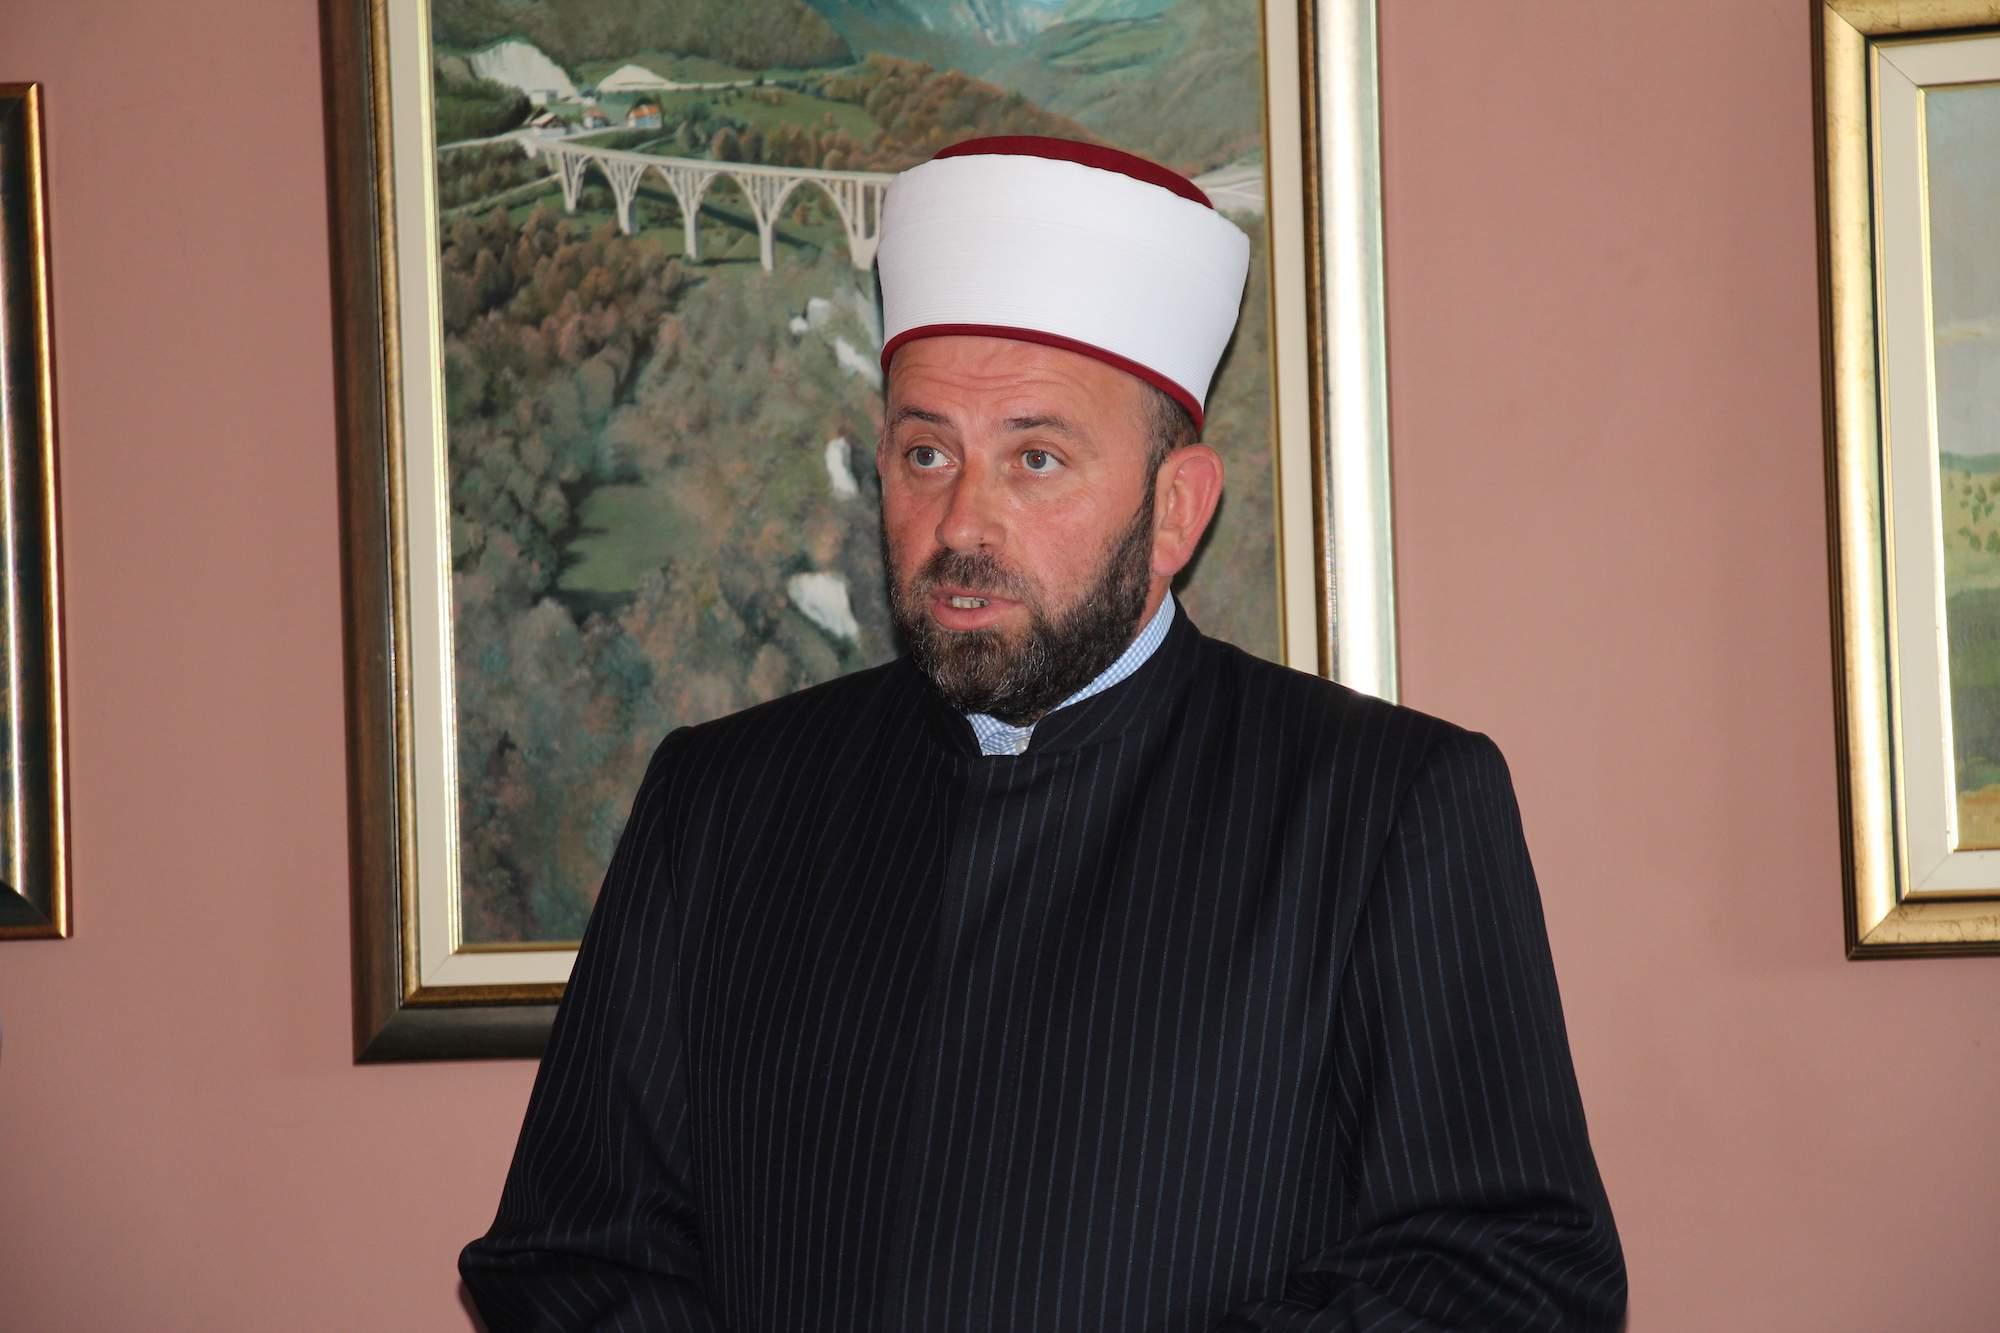 Reis Islamske zajednice u Crnoj Gori Rifat ef. Fejzić - Crnogorski reis povodom skandala u Pljevljima: Moramo znati da li Crna Gora ostaje građanska država